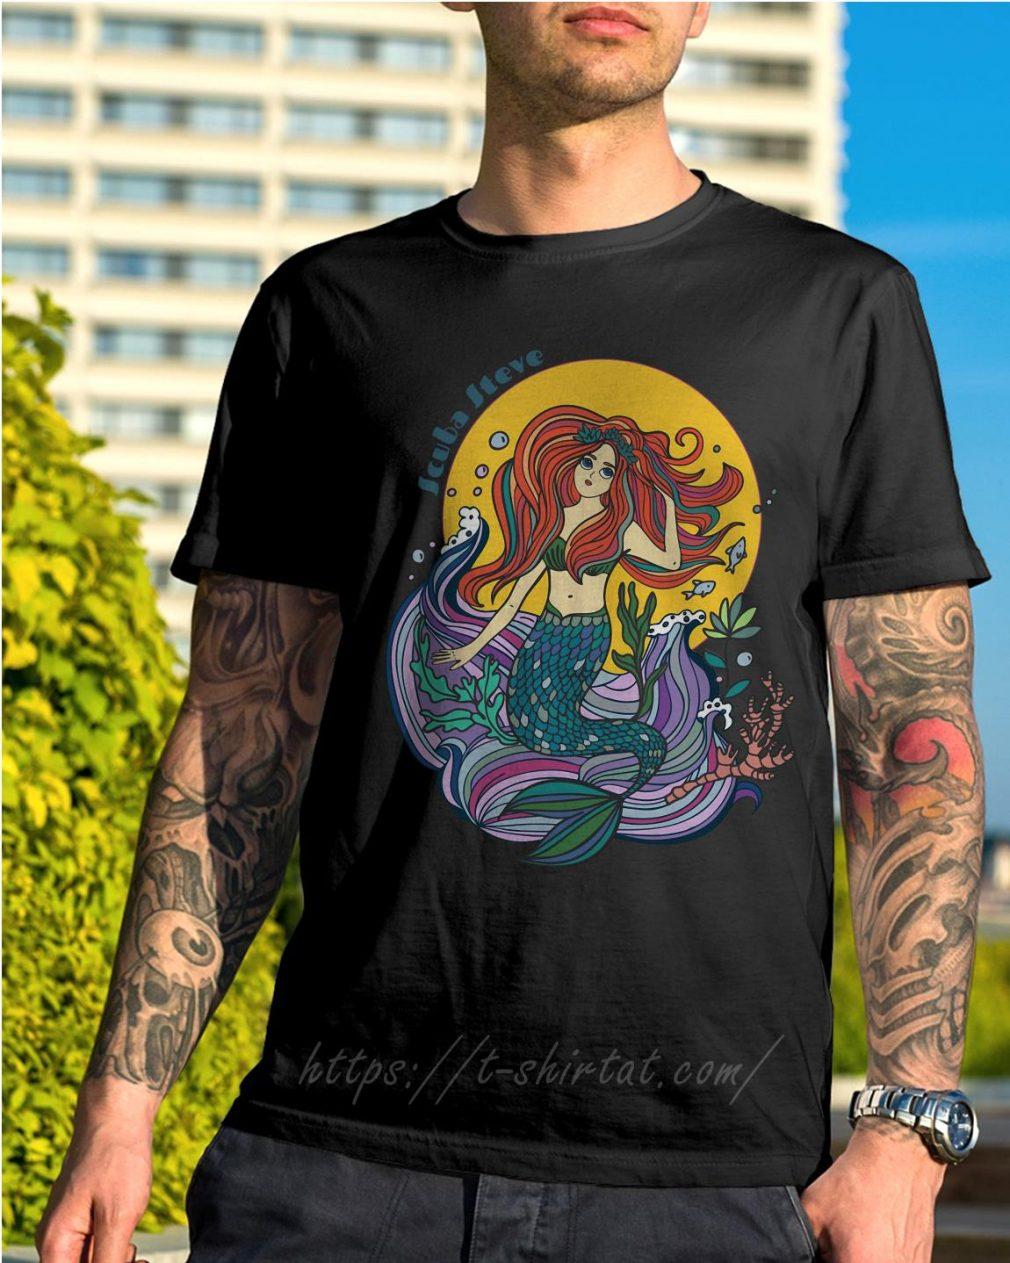 Scuba Steve mermaid shirt